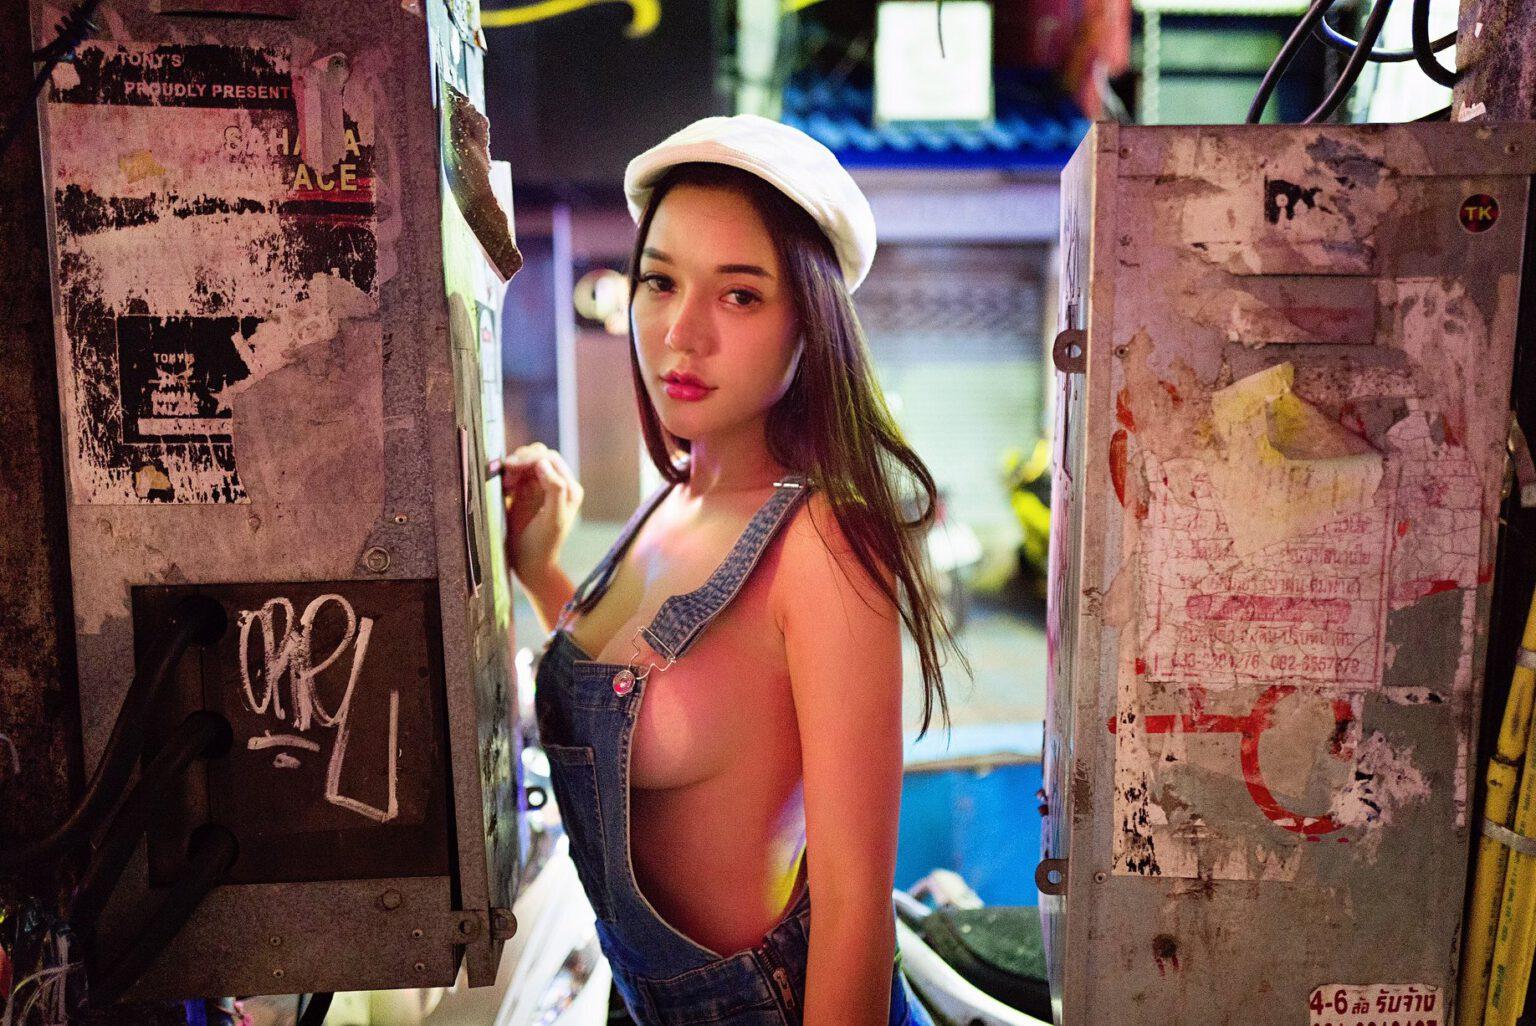 สาวเซ็กซี่ น้อง ใบตอง Thapani Meemungtham สาวสวย น่ารัก เซ็กซี่ หุ่นแซ่บ รุ่นนี้ห้ามพลาด